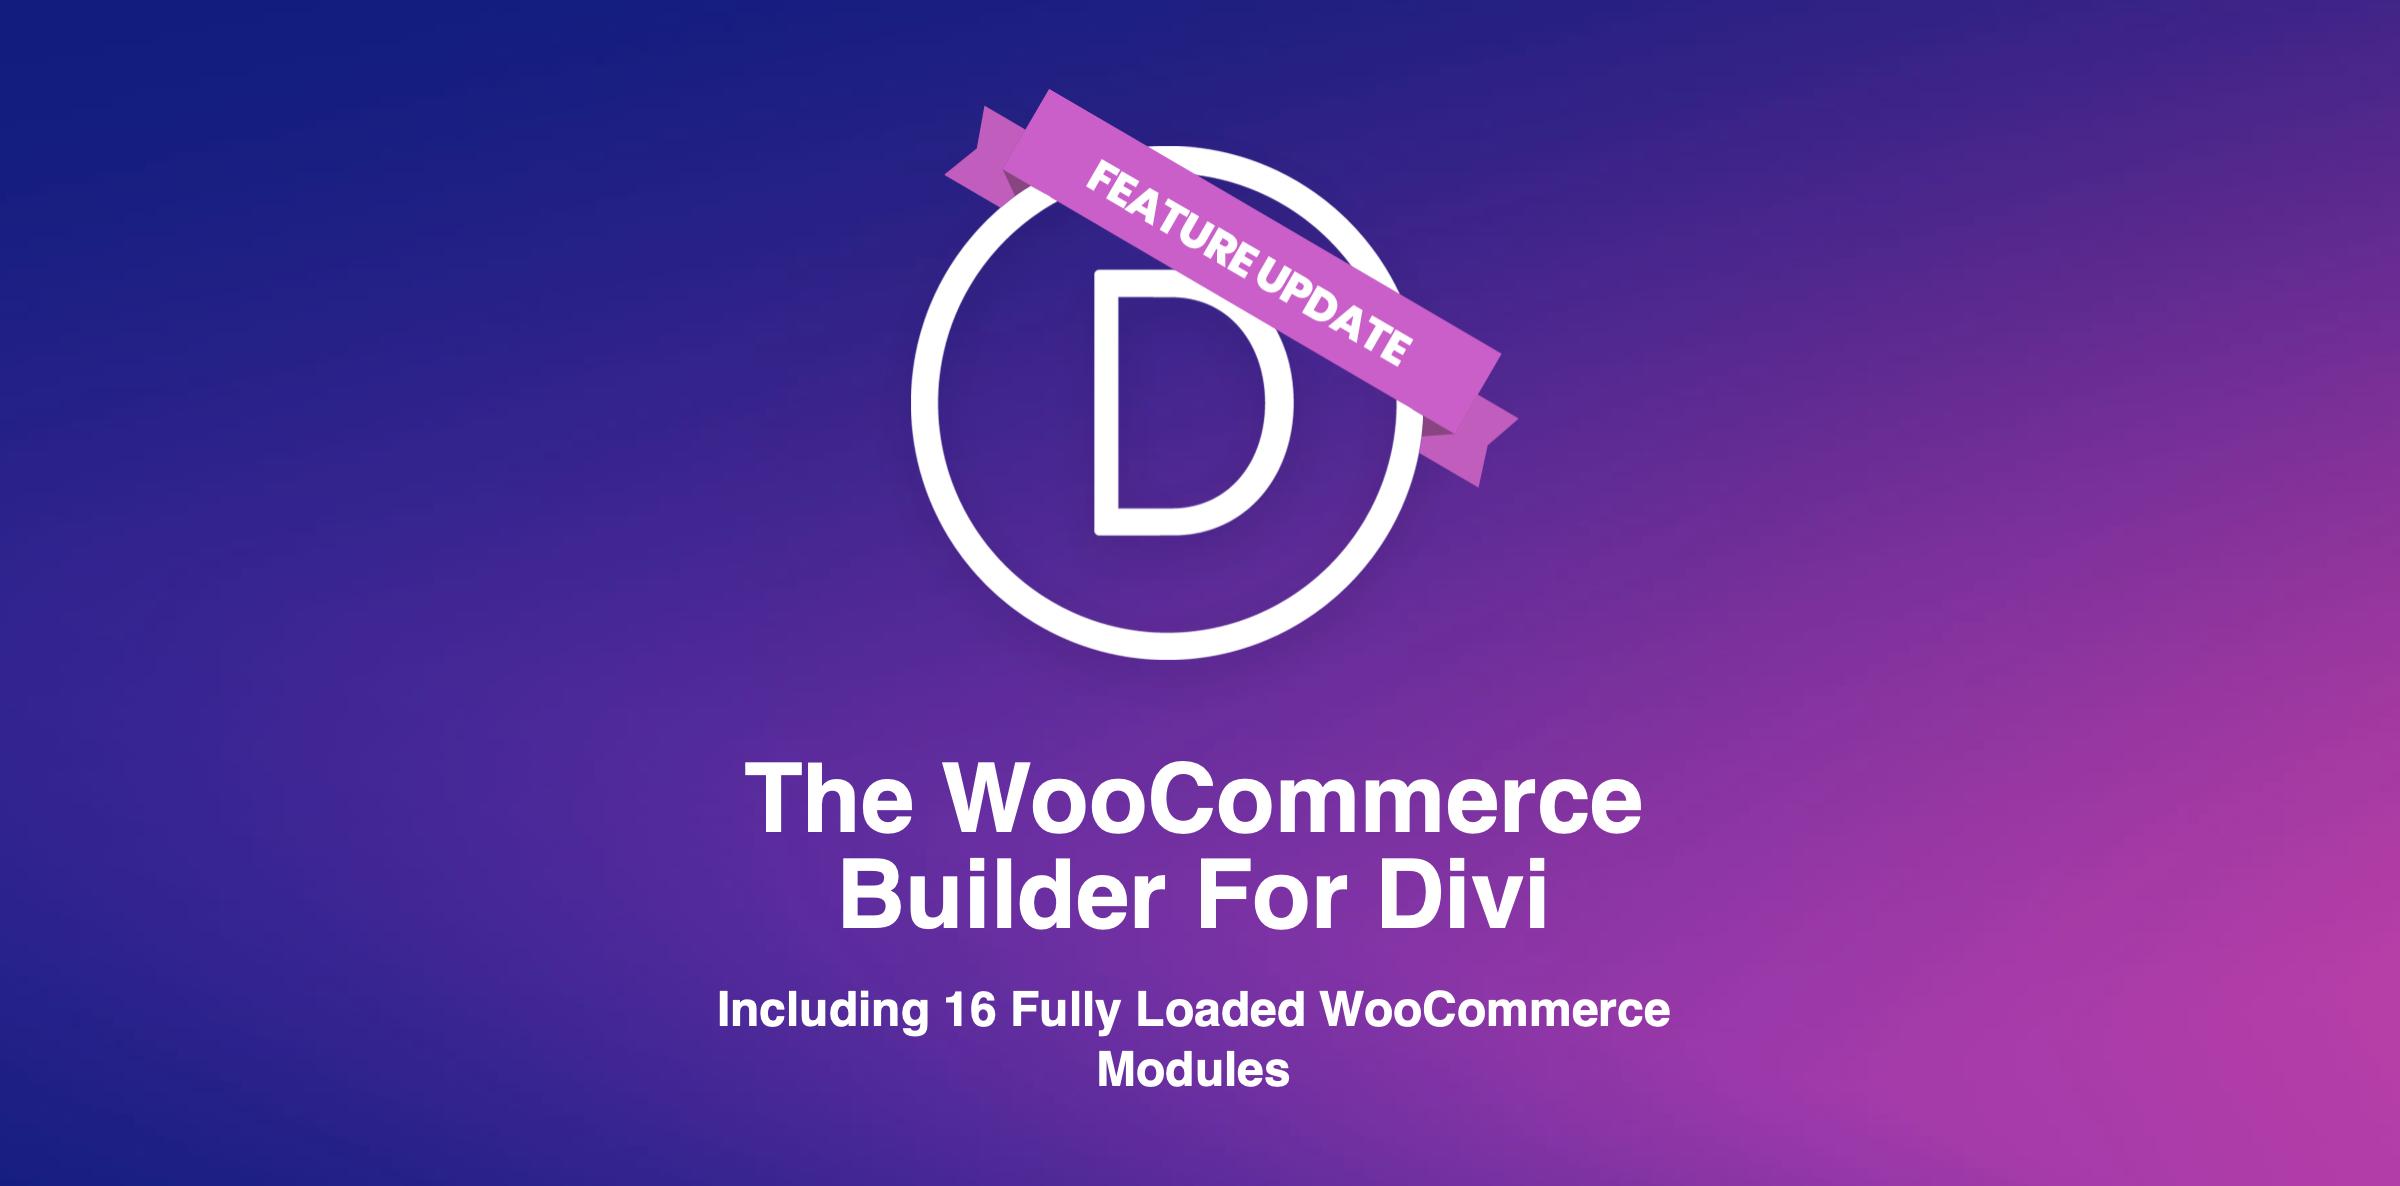 Divi WooCommerce Builder